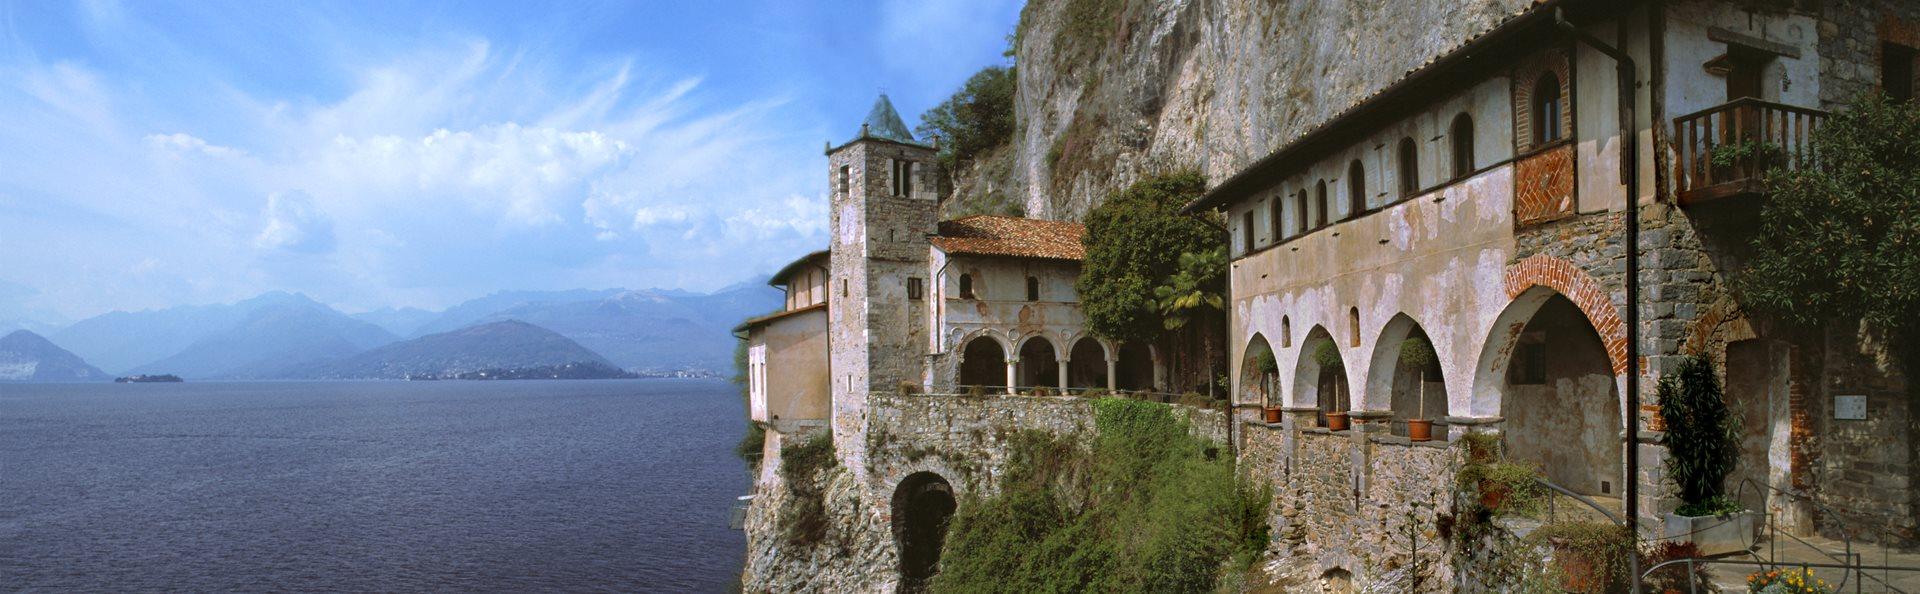 Santa Caterina del Sasso en Lago Mayor